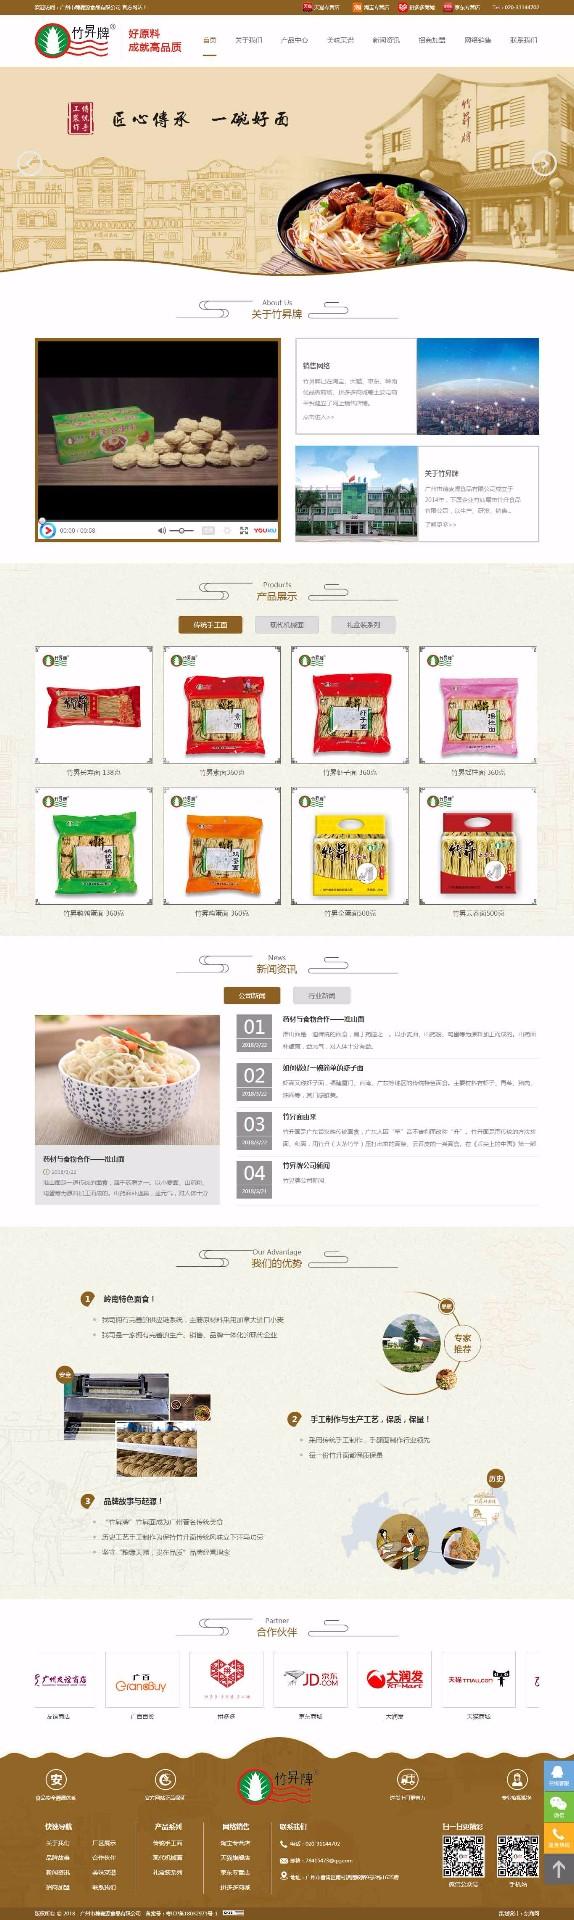 廣州市穗麥源食品有限公司